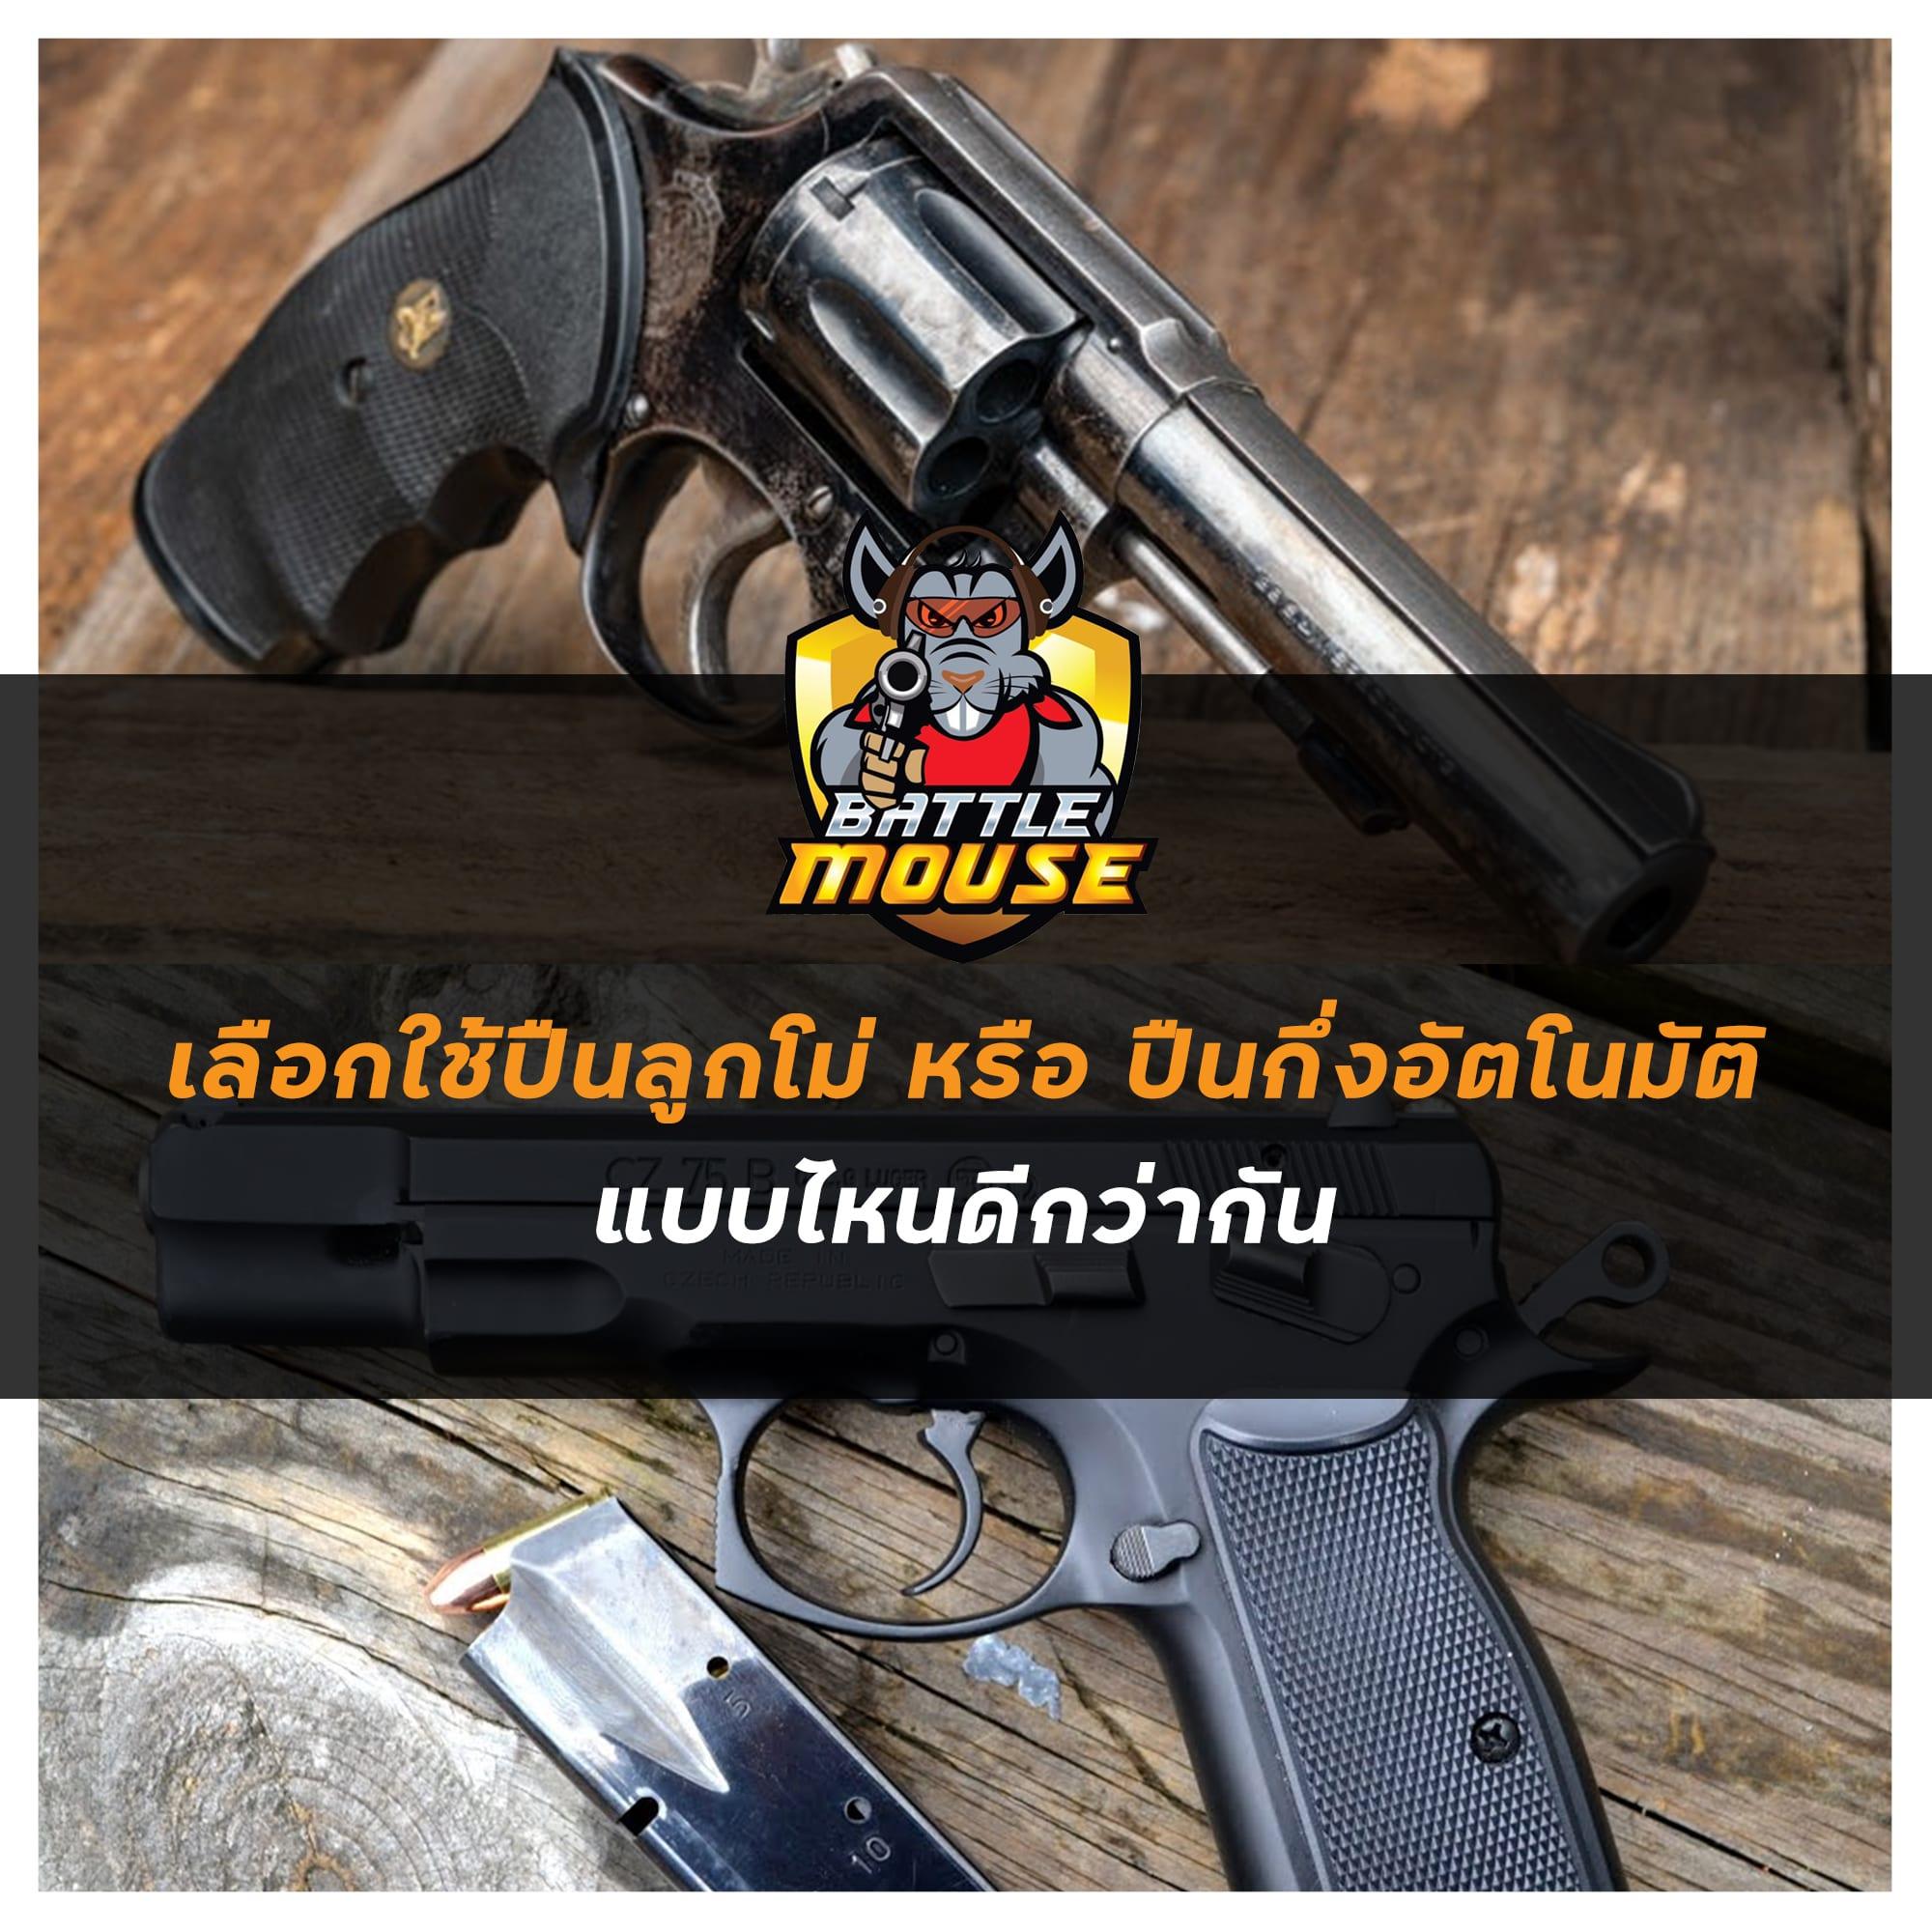 เลือกใช้ ปืนลูกโม่ หรือ ปืนกึ่งอัตโนมัติ แบบไหนดีกว่ากัน